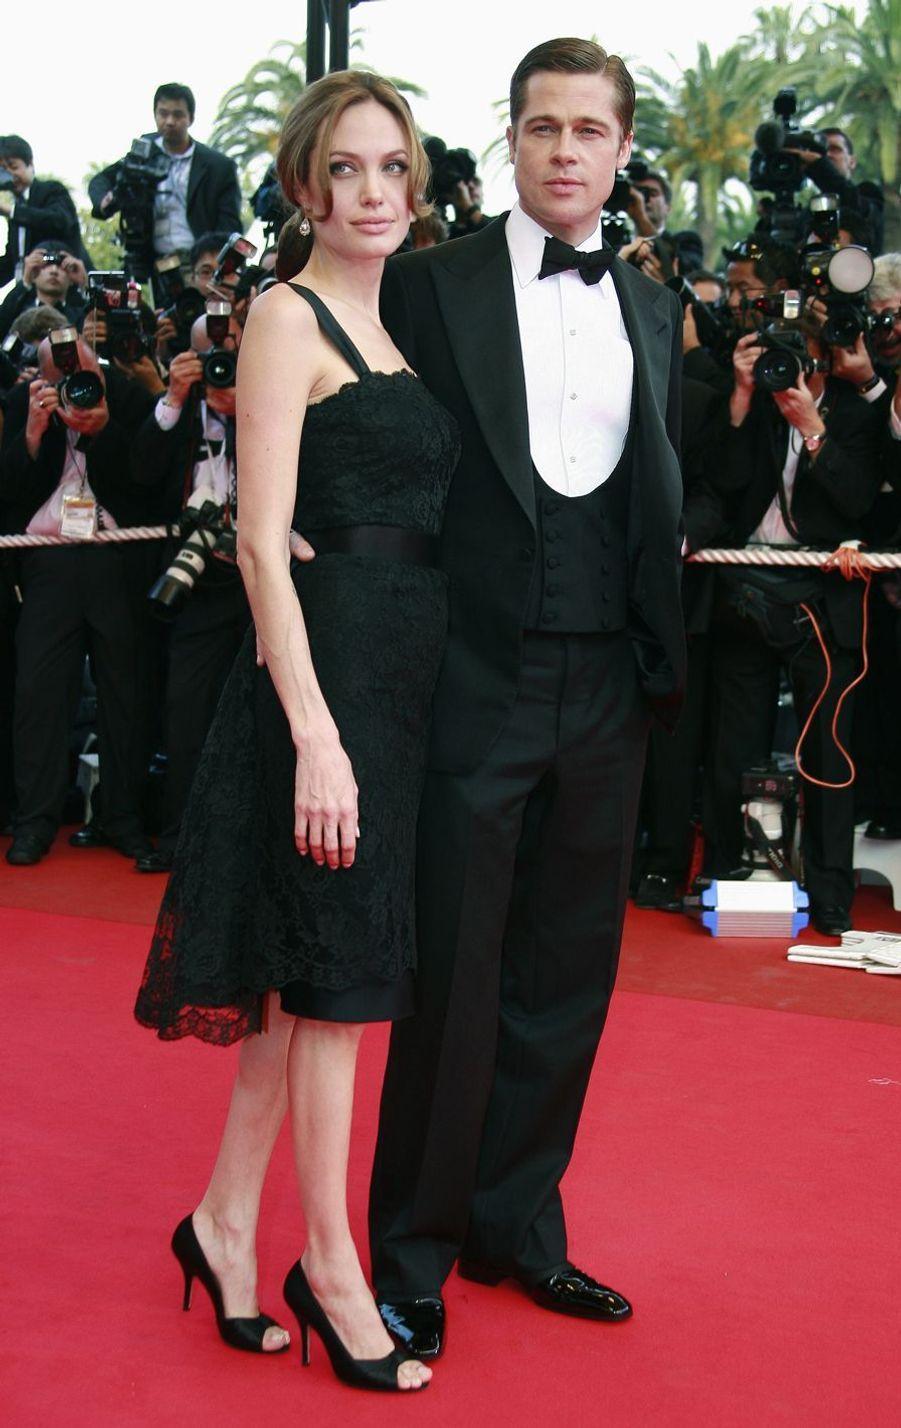 Brad Pitt et Angelina Jolie lors de la montée des marches du film «Un coeur invaincu» au Festival de Cannes le 21 mai 2007